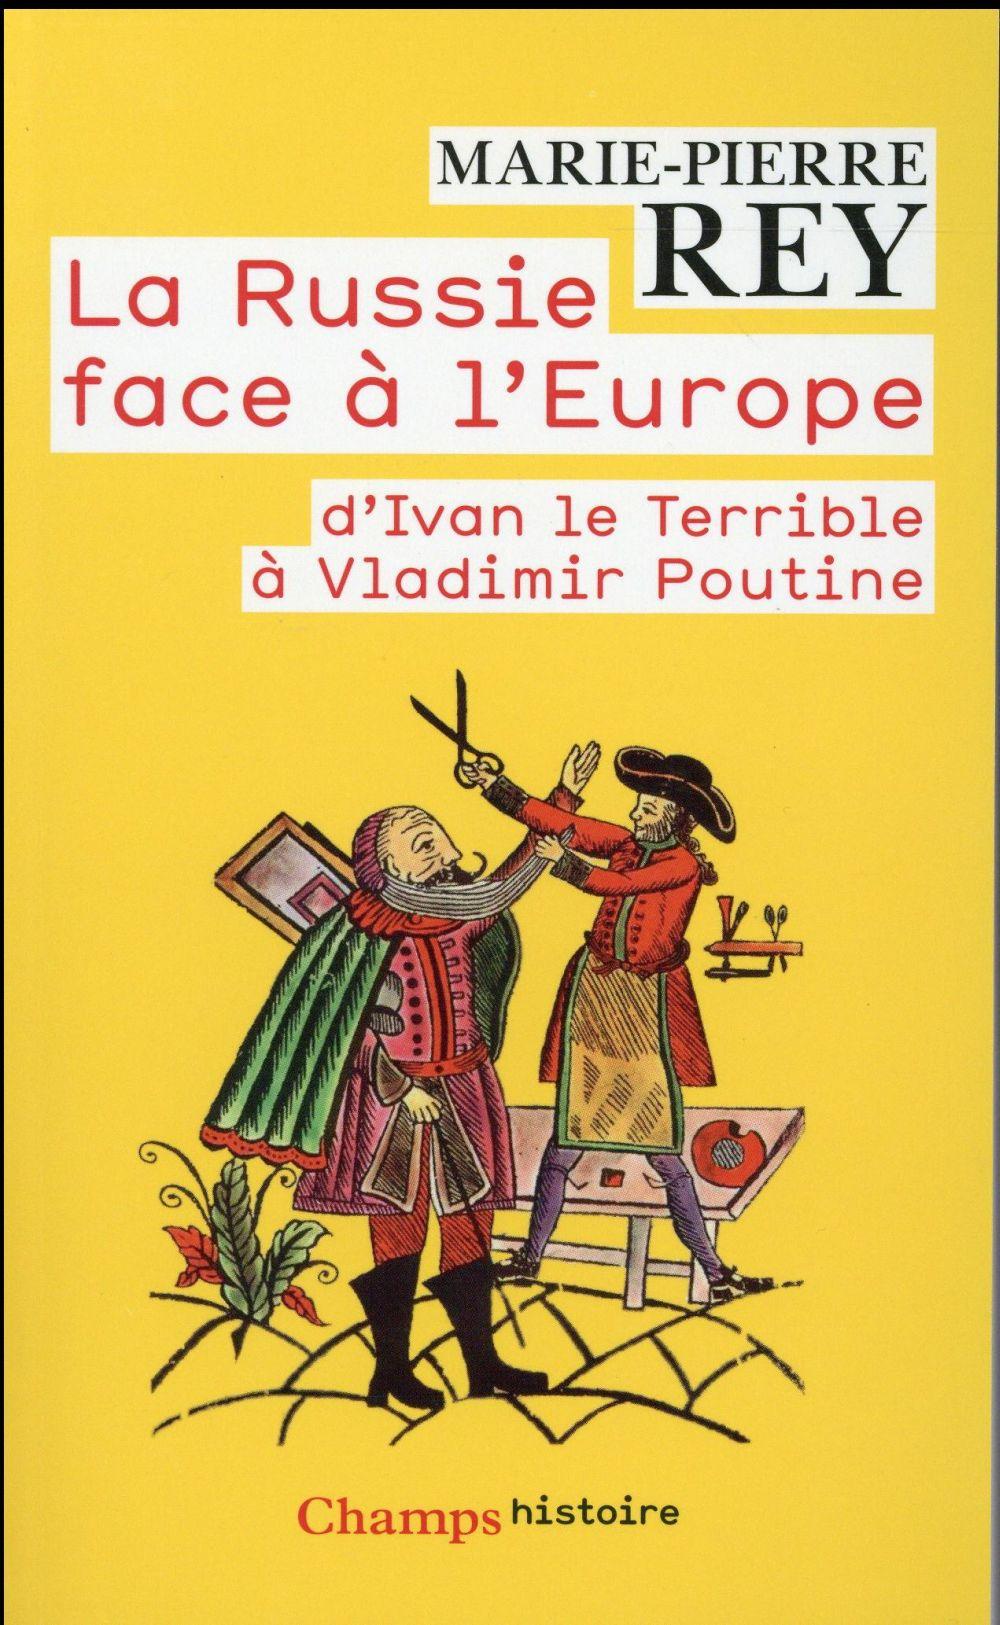 La Russie face à l'Europe ; d'Ivan le Terrible à Vladimir Poutine